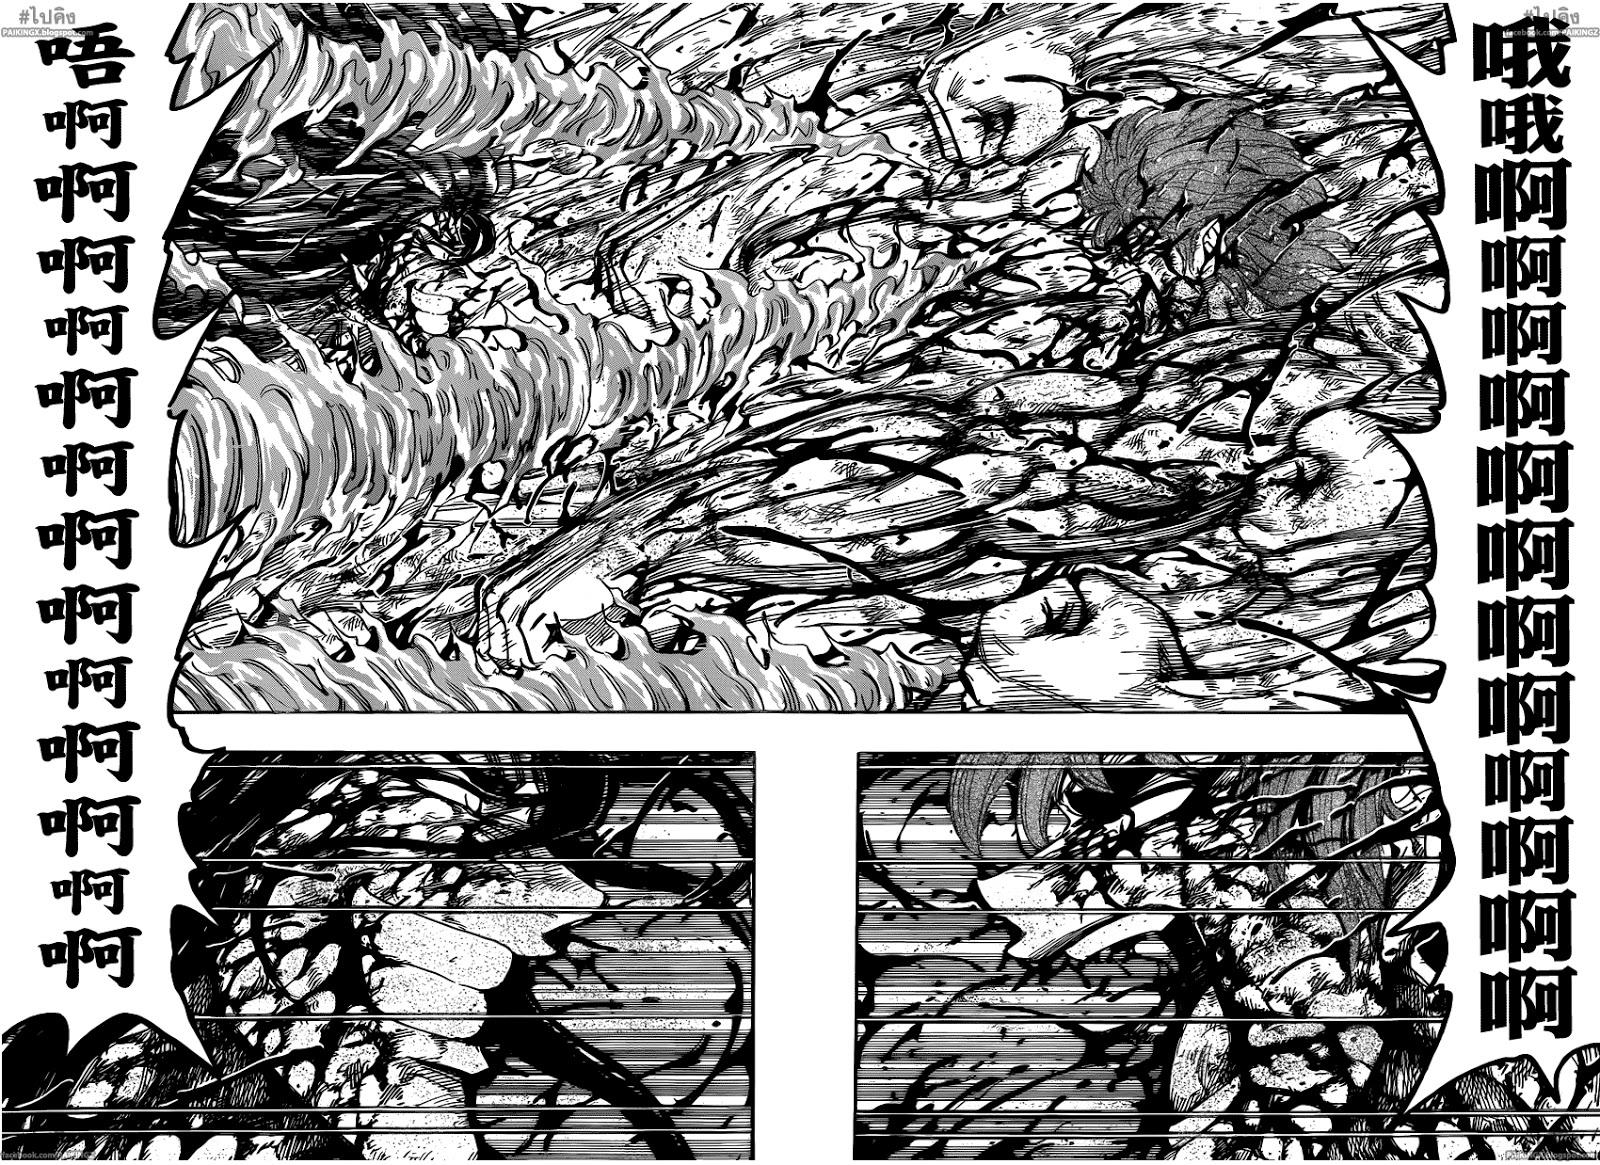 อ่านการ์ตูน Toriko238 แปลไทย ขีดจำกัดของพลัง!!